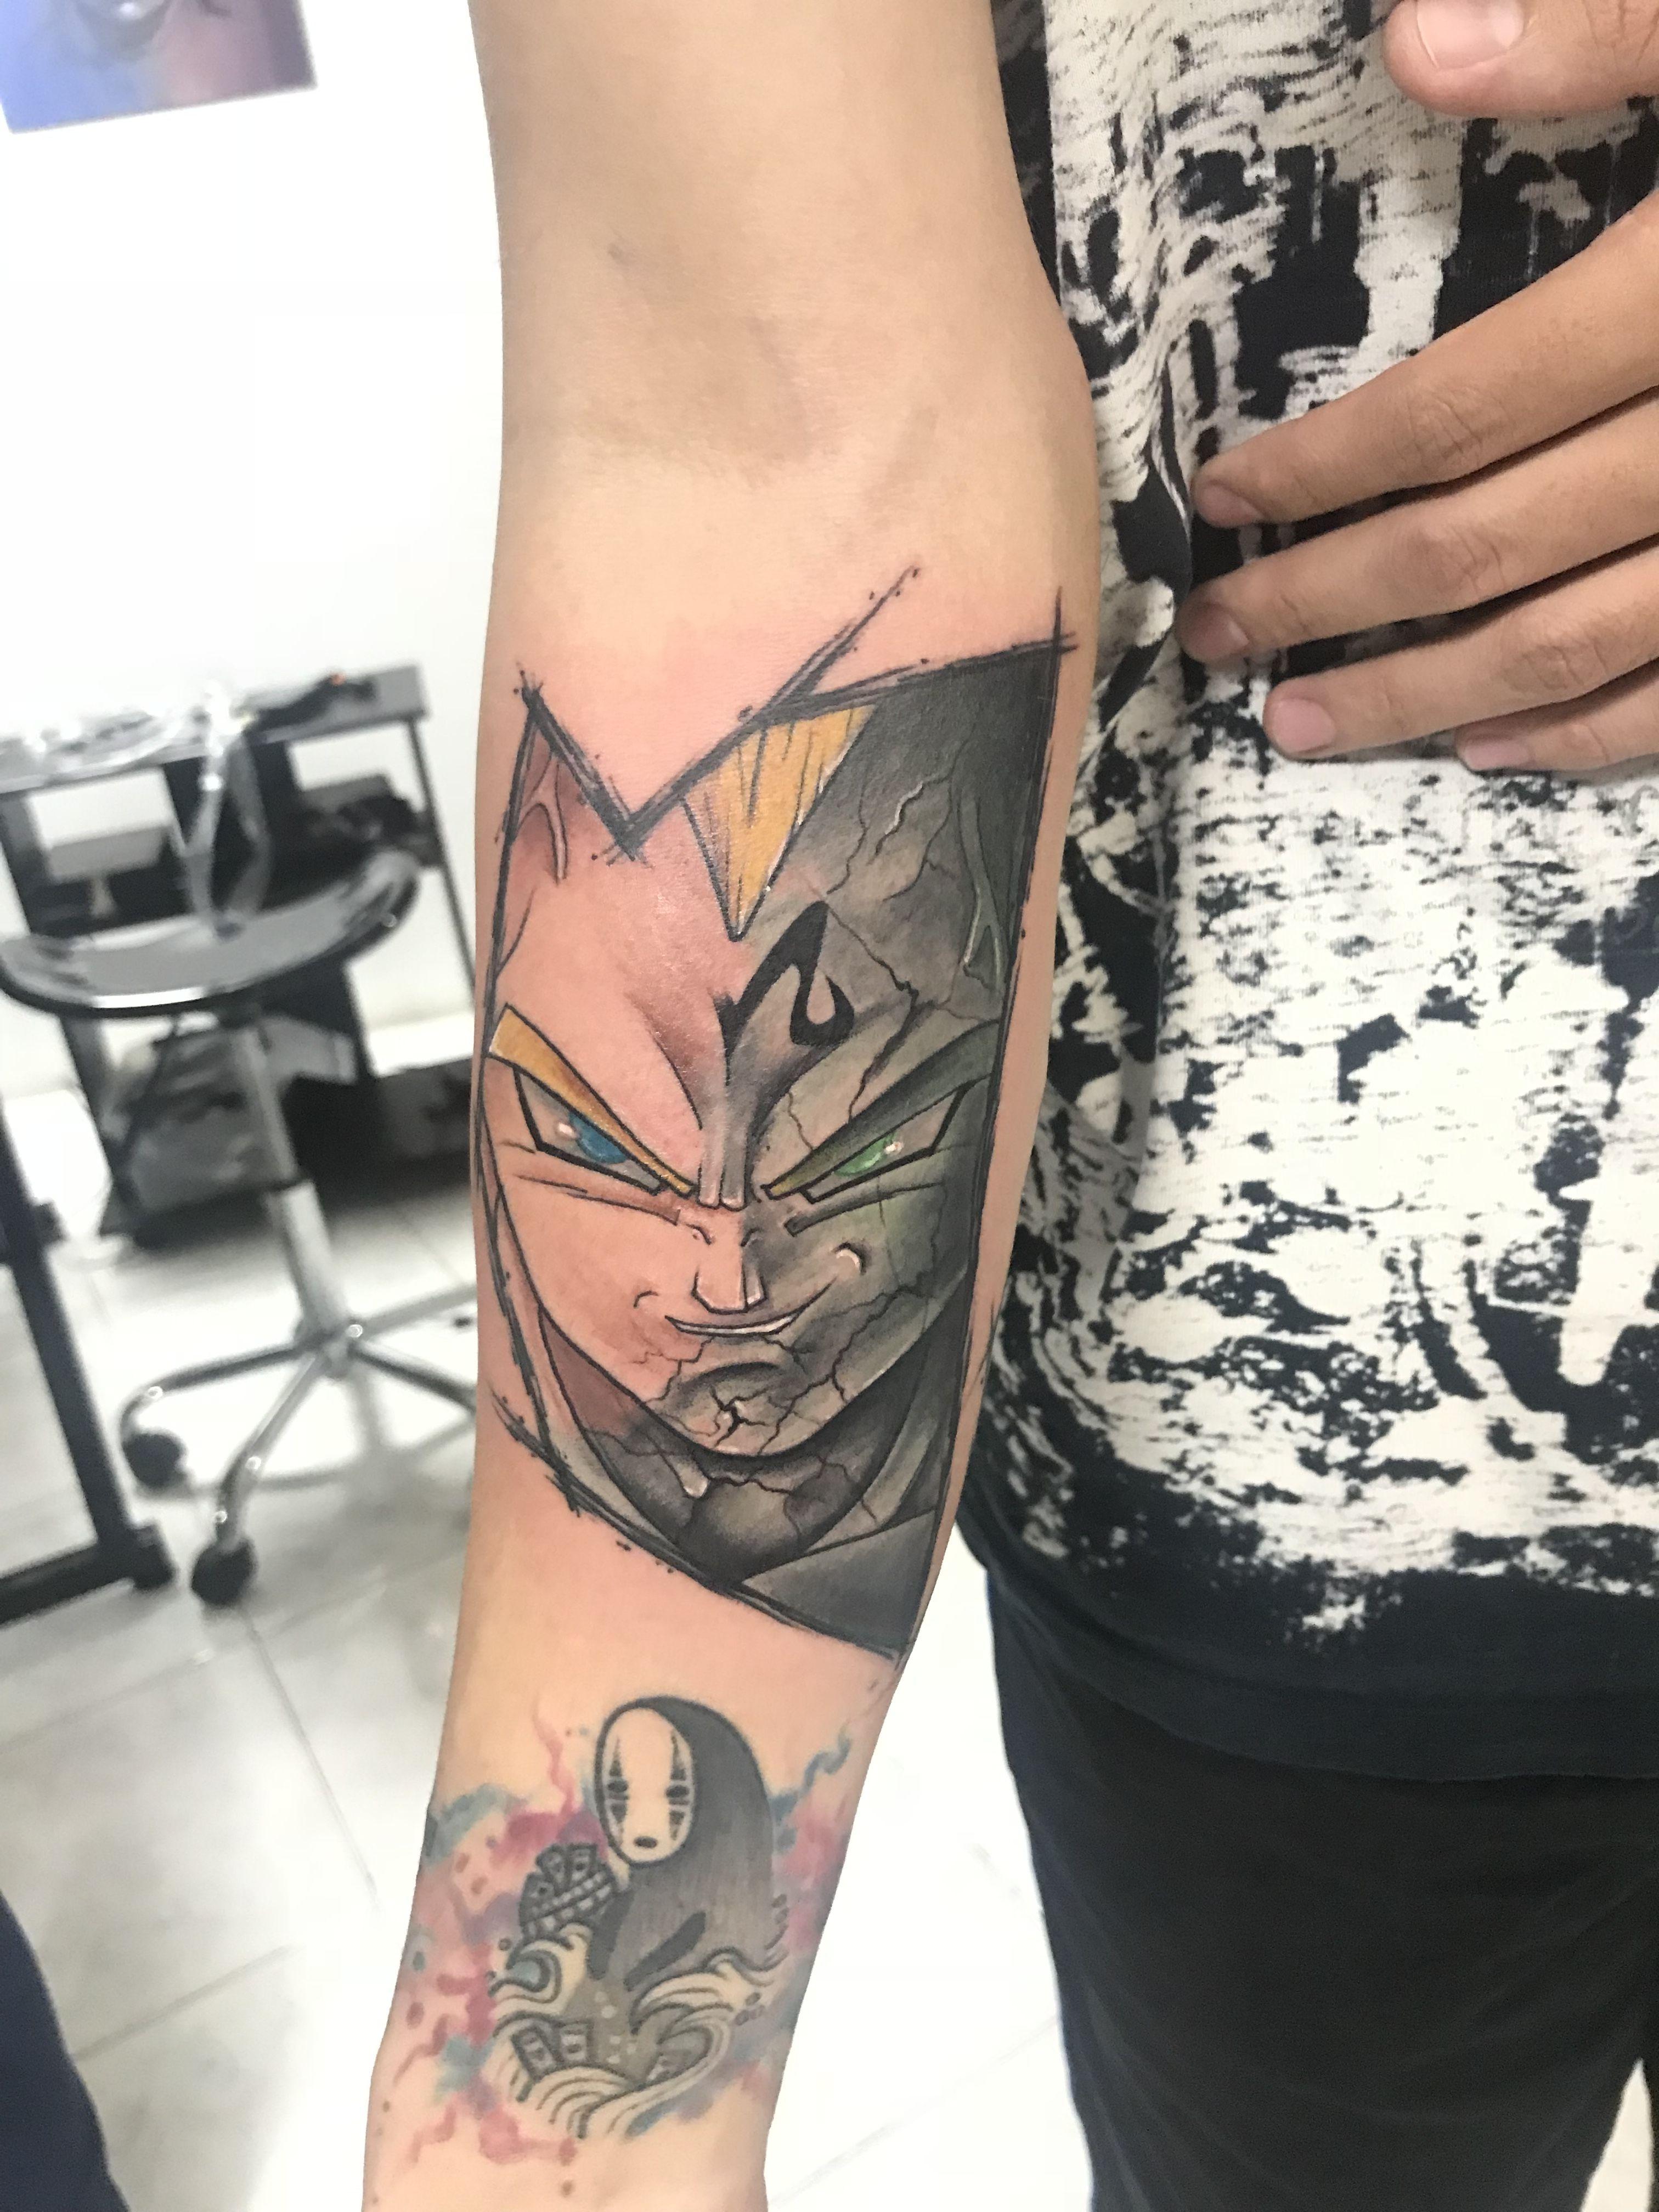 Vegeta Dbz Dbz Tattoo Dragon Ball Tattoo Tattoos